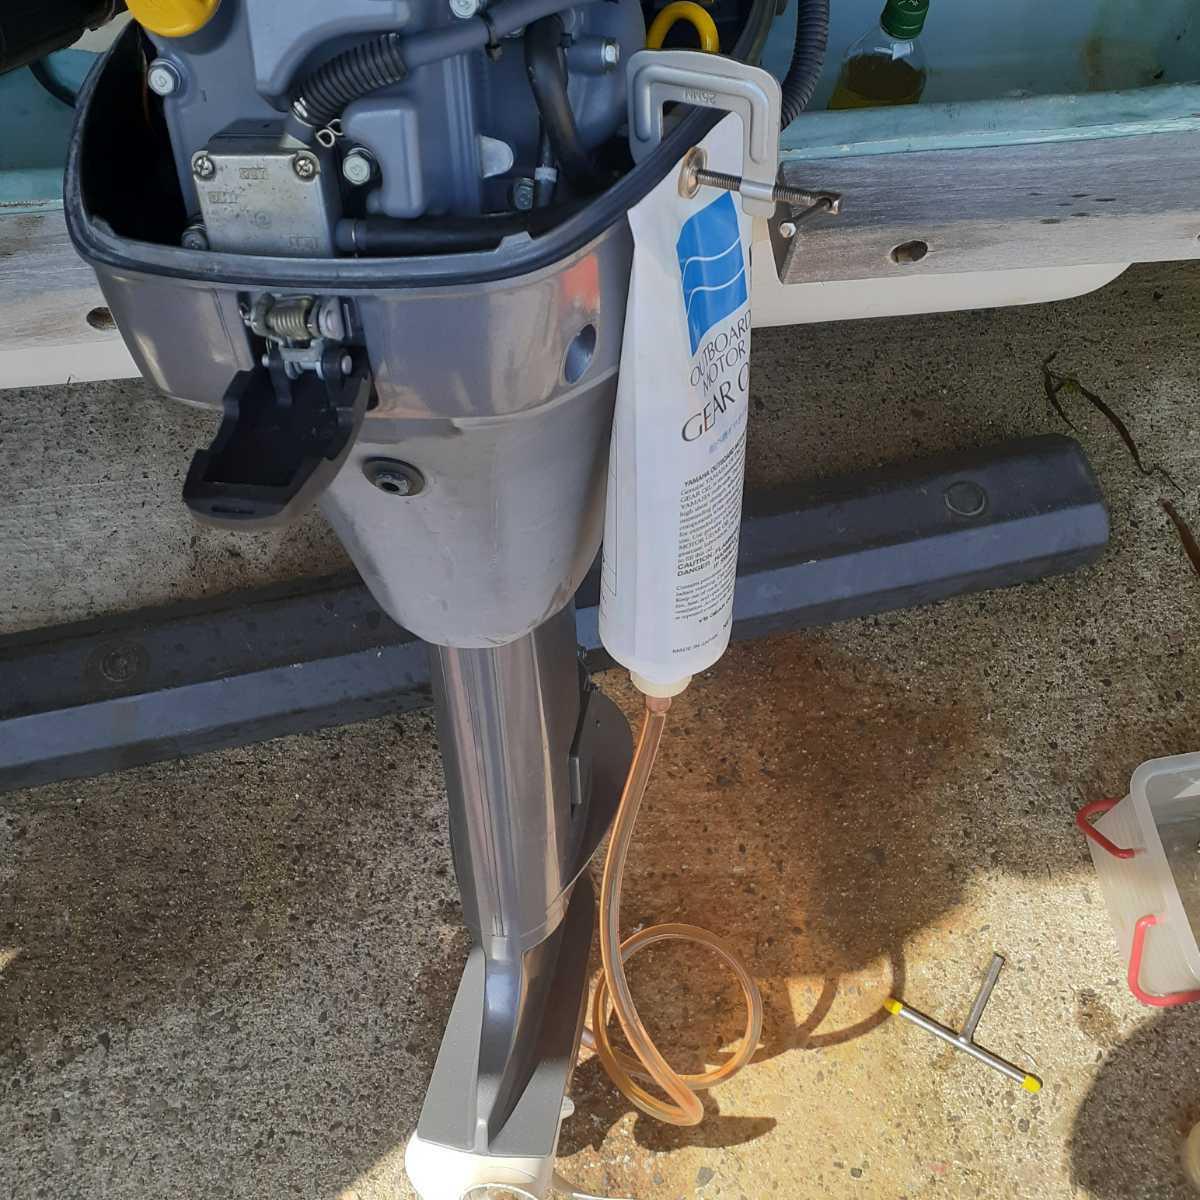 YS6 凄~ぃ ヤマハ船外機専用 ギアオイル交換工具 012_③クランプ使用のイメージです。